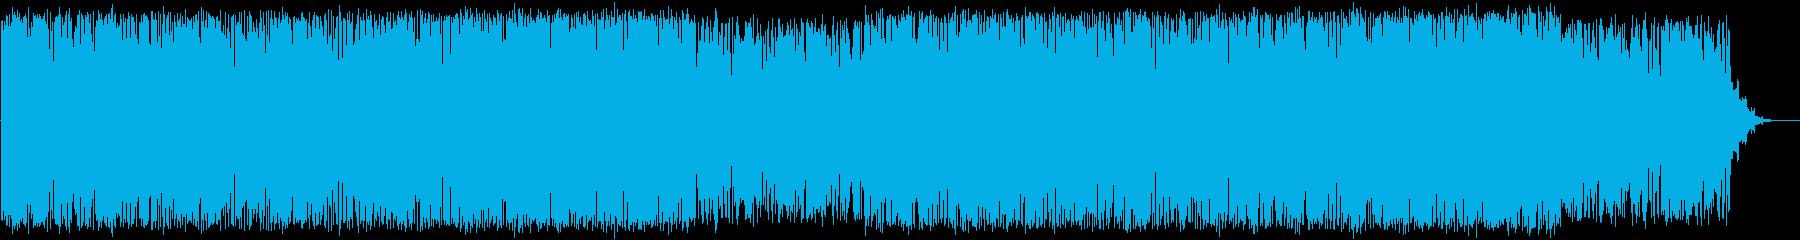 不穏なテクスチャーの再生済みの波形